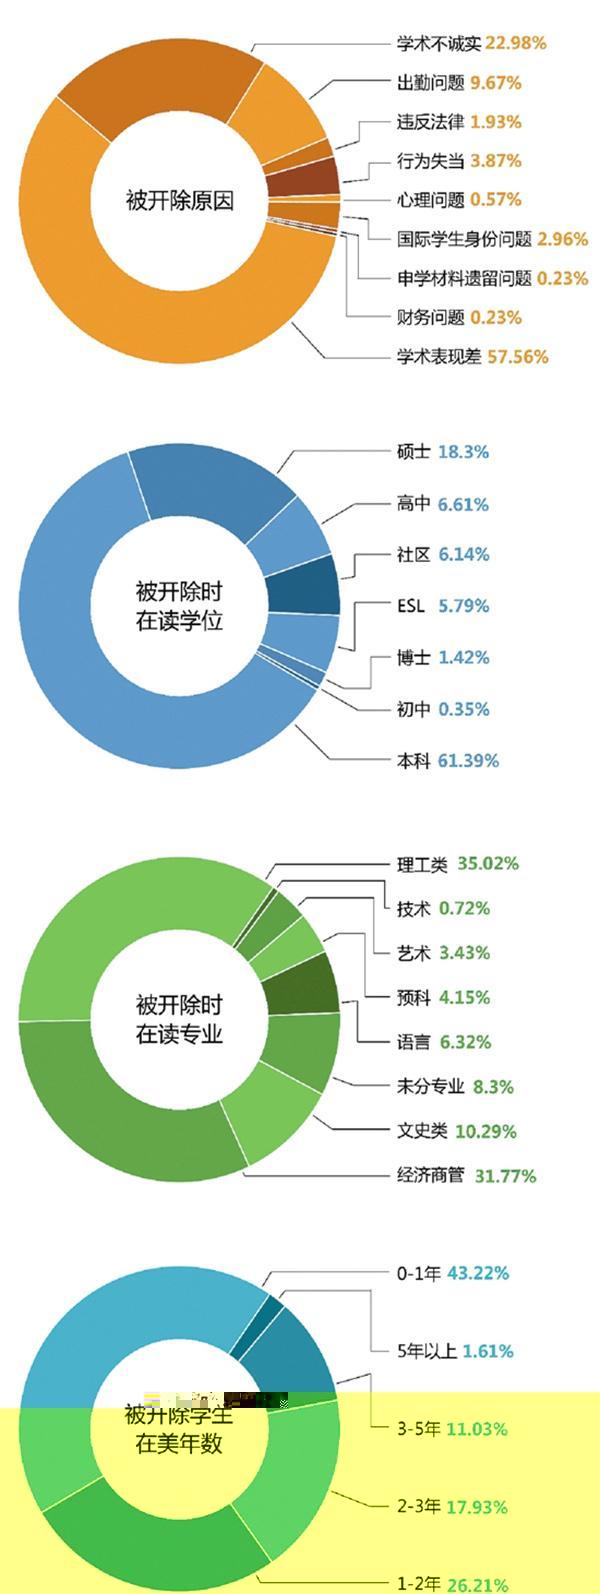 在美中国留学生被开除调查:过半因成绩差